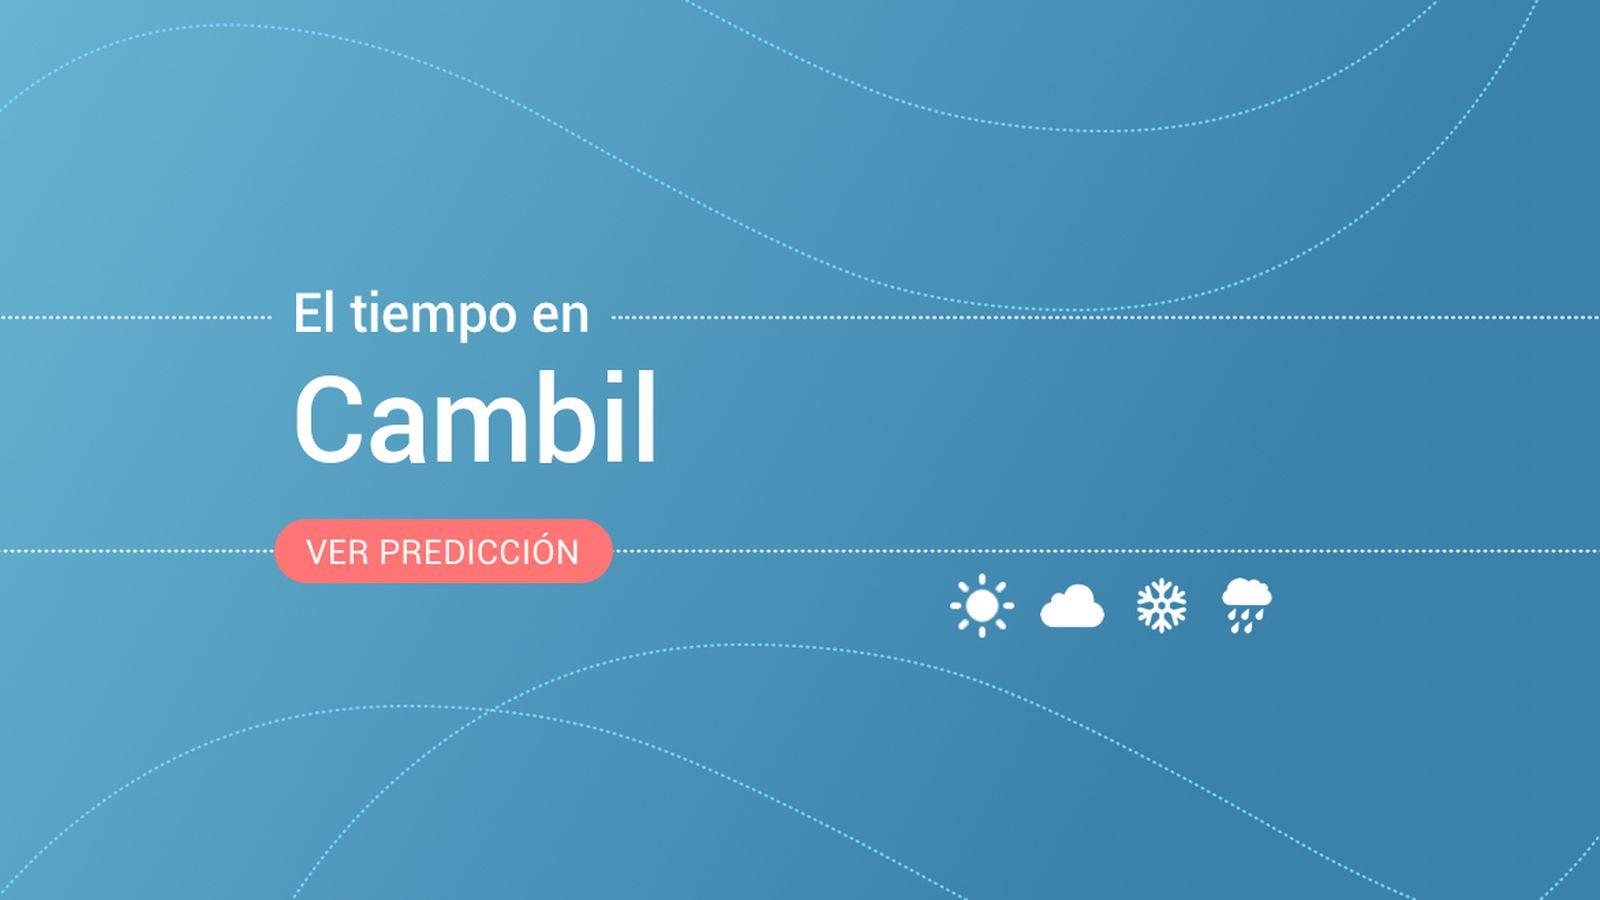 Foto: El tiempo en Cambil. (EC)